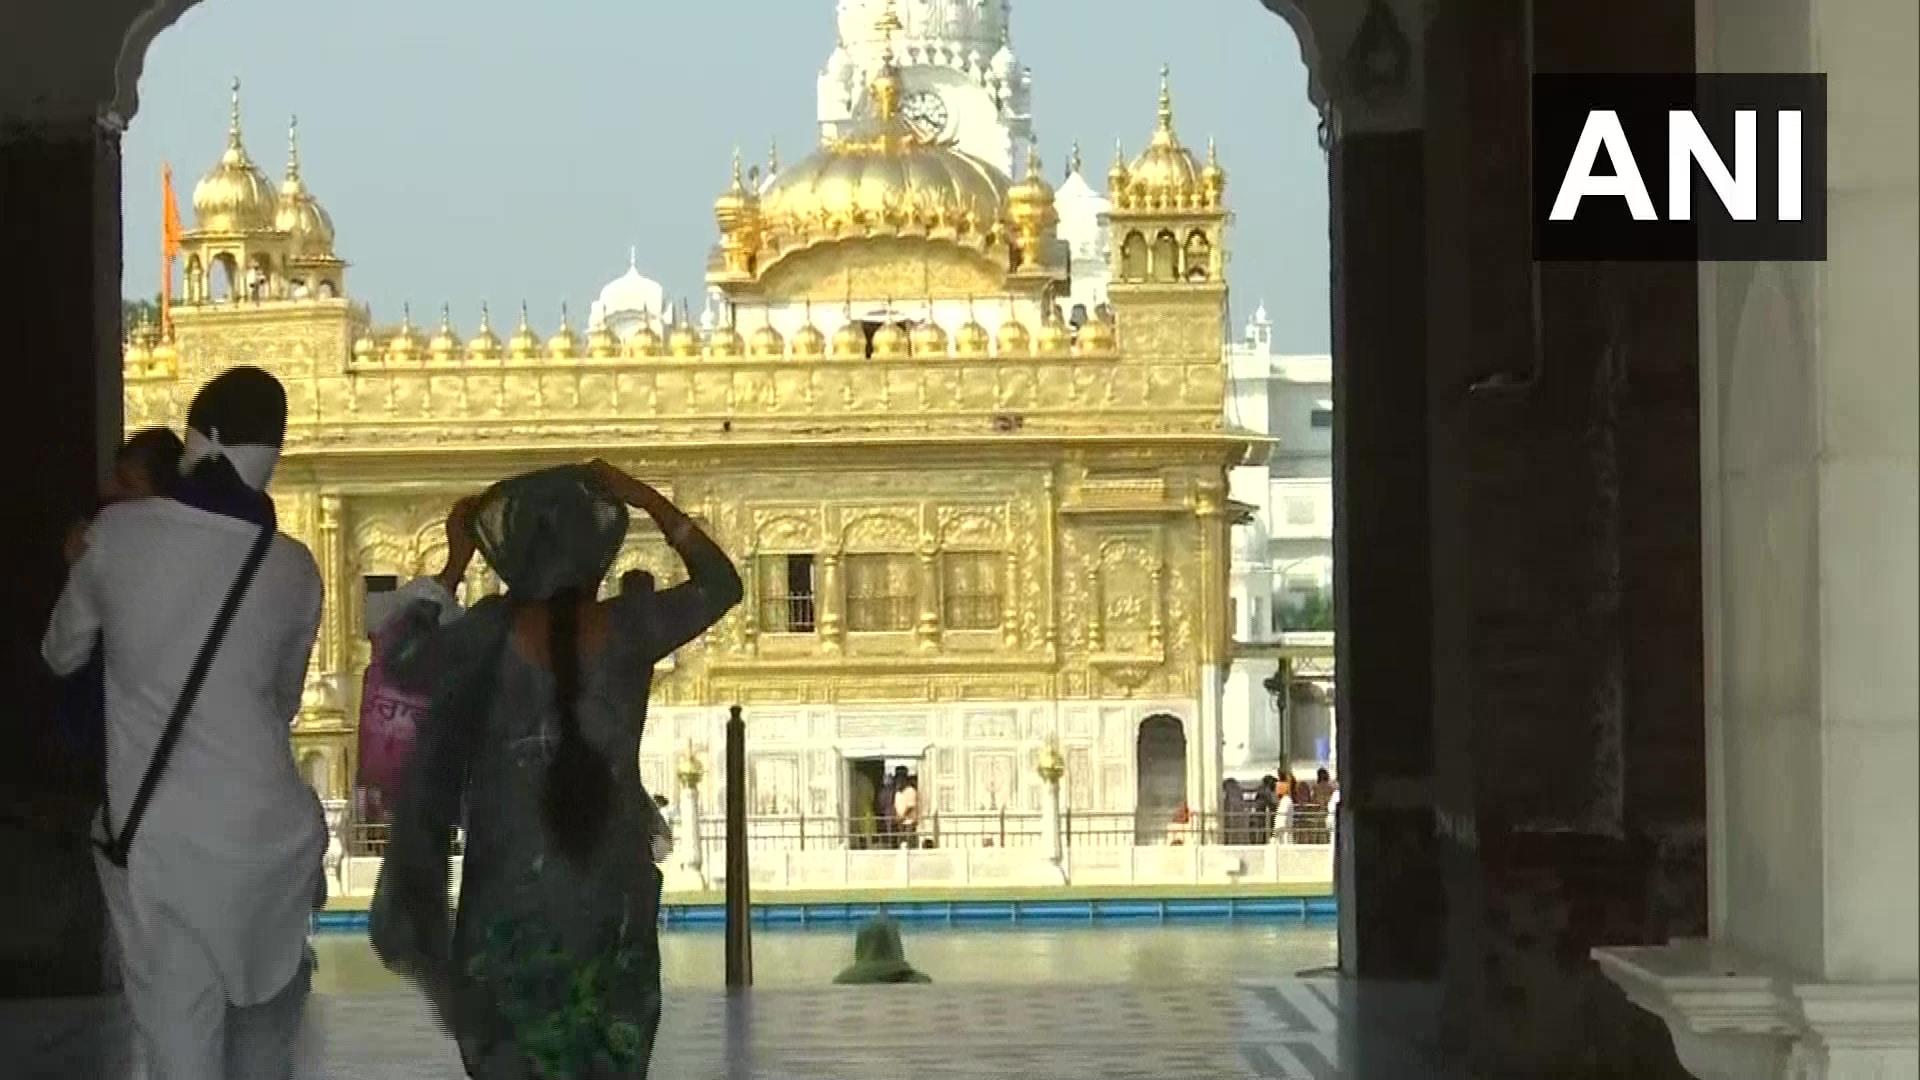 పంజాబ్... అమృత్సర్లో స్వర్ణ దేవాలయాన్ని దర్శించుకుంటున్న భక్తులు (credit - twitter - ANI)